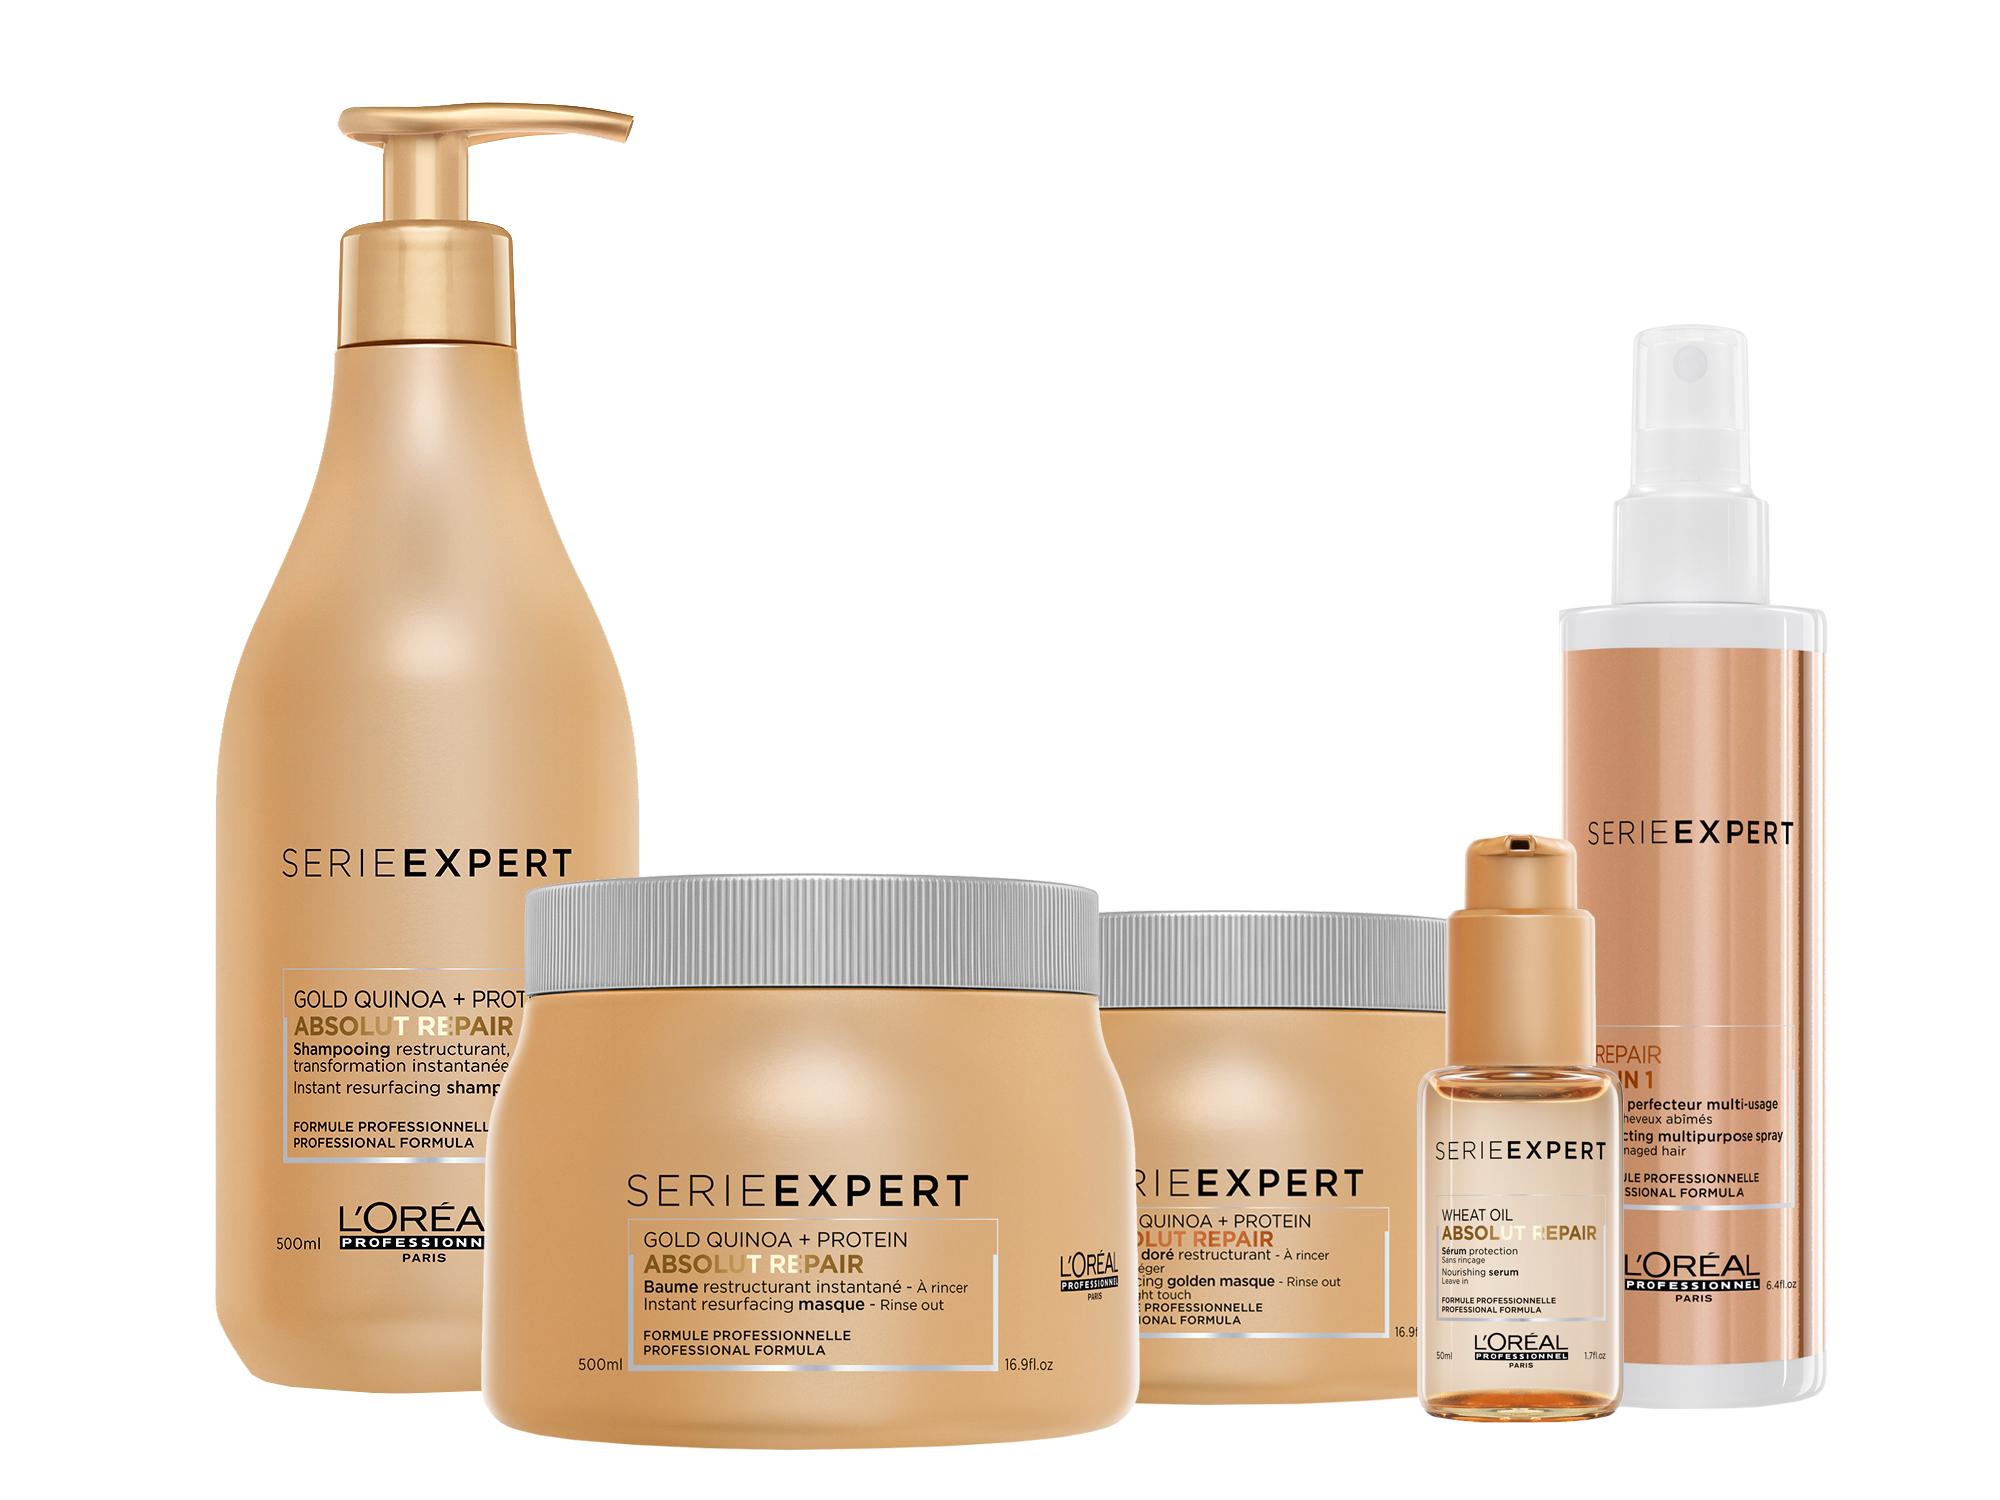 Новинка от L'Oreal для интенсивного восстановления поврежденных волос